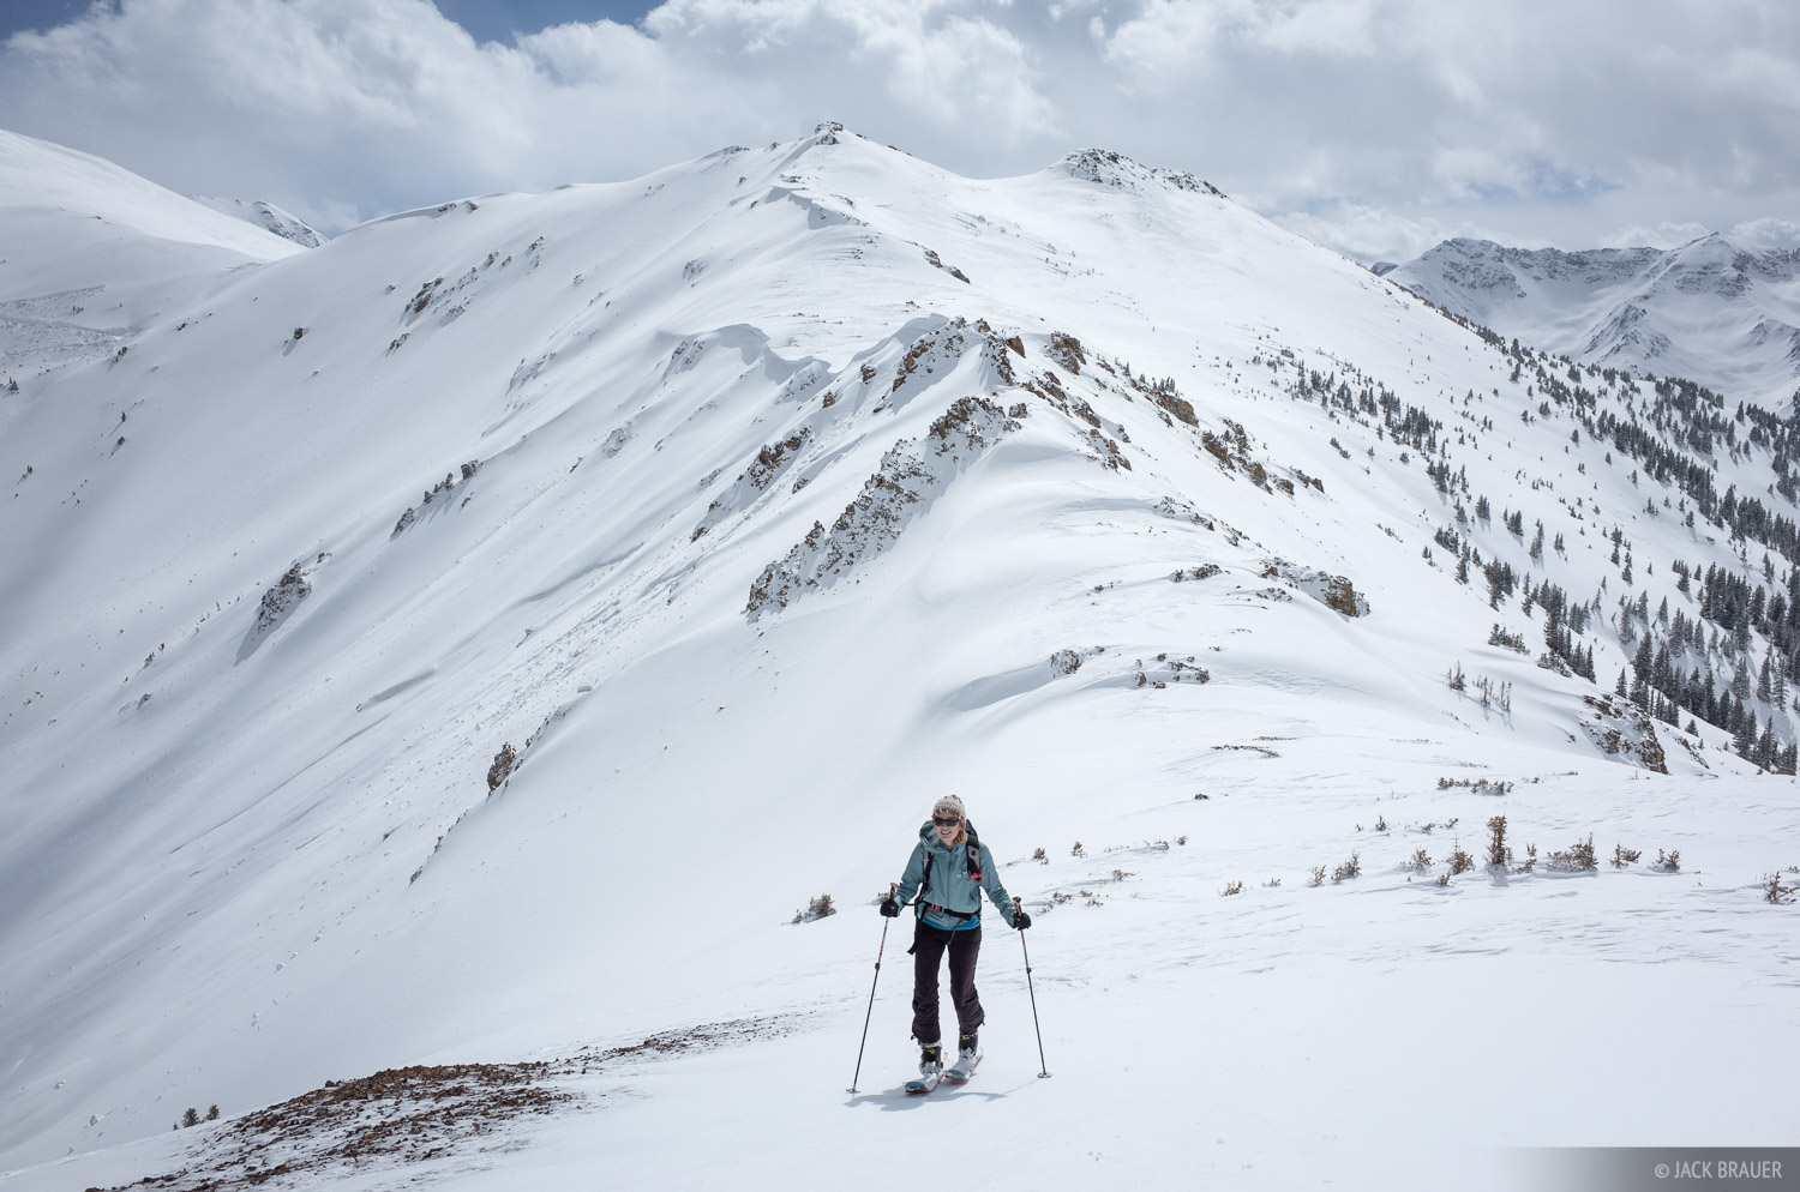 Skinning along a windy ridge on a wintery May day.